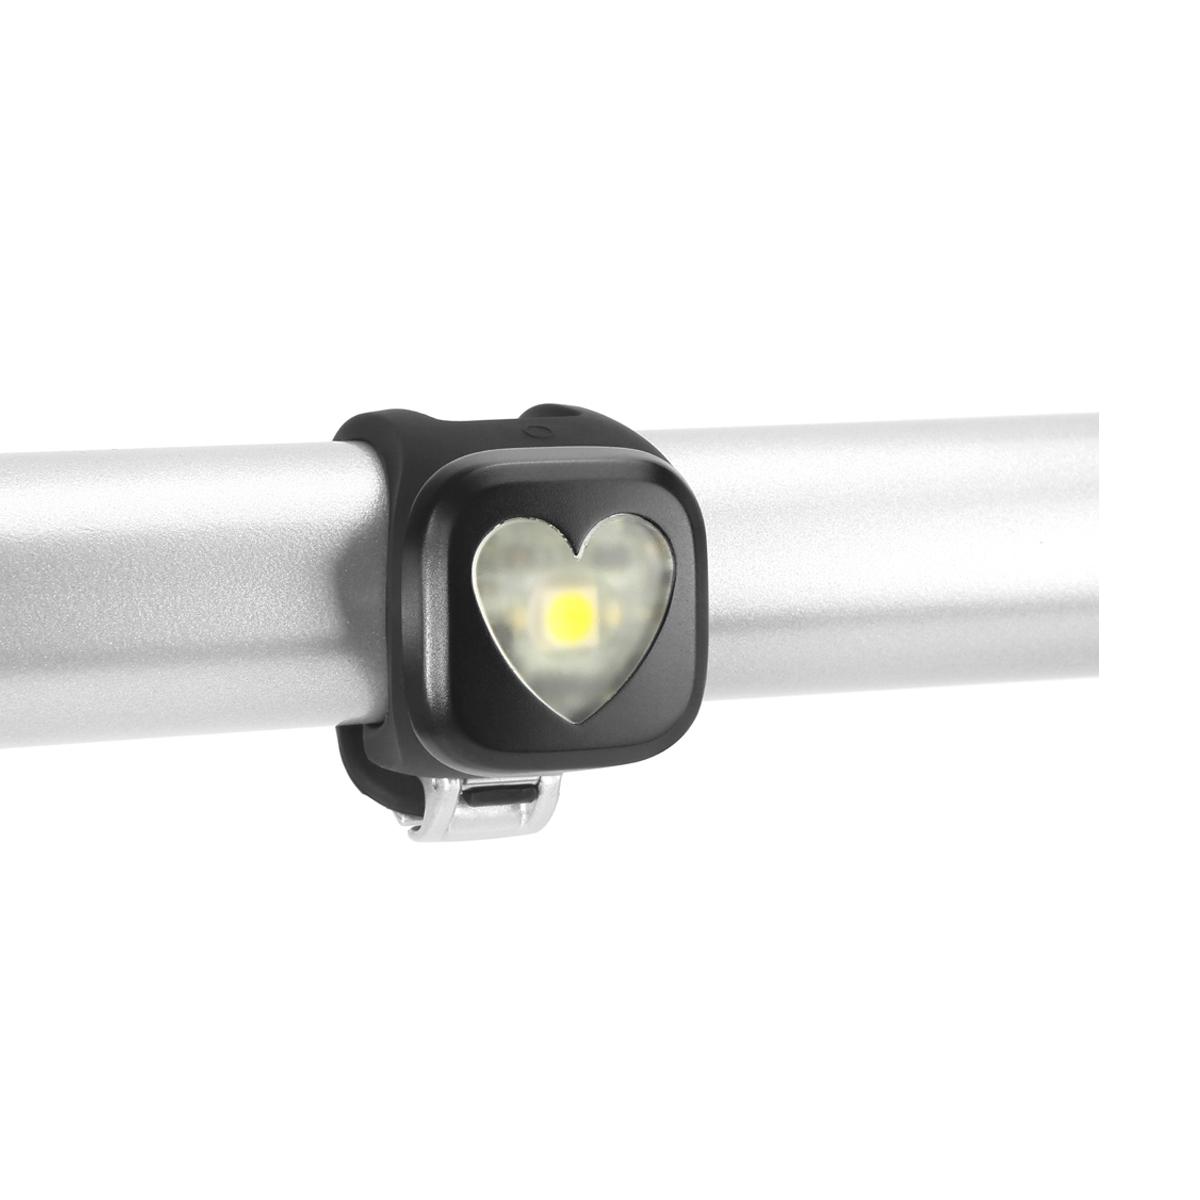 Éclairage avant Knog Blinder Coeur 1 LED - Noir